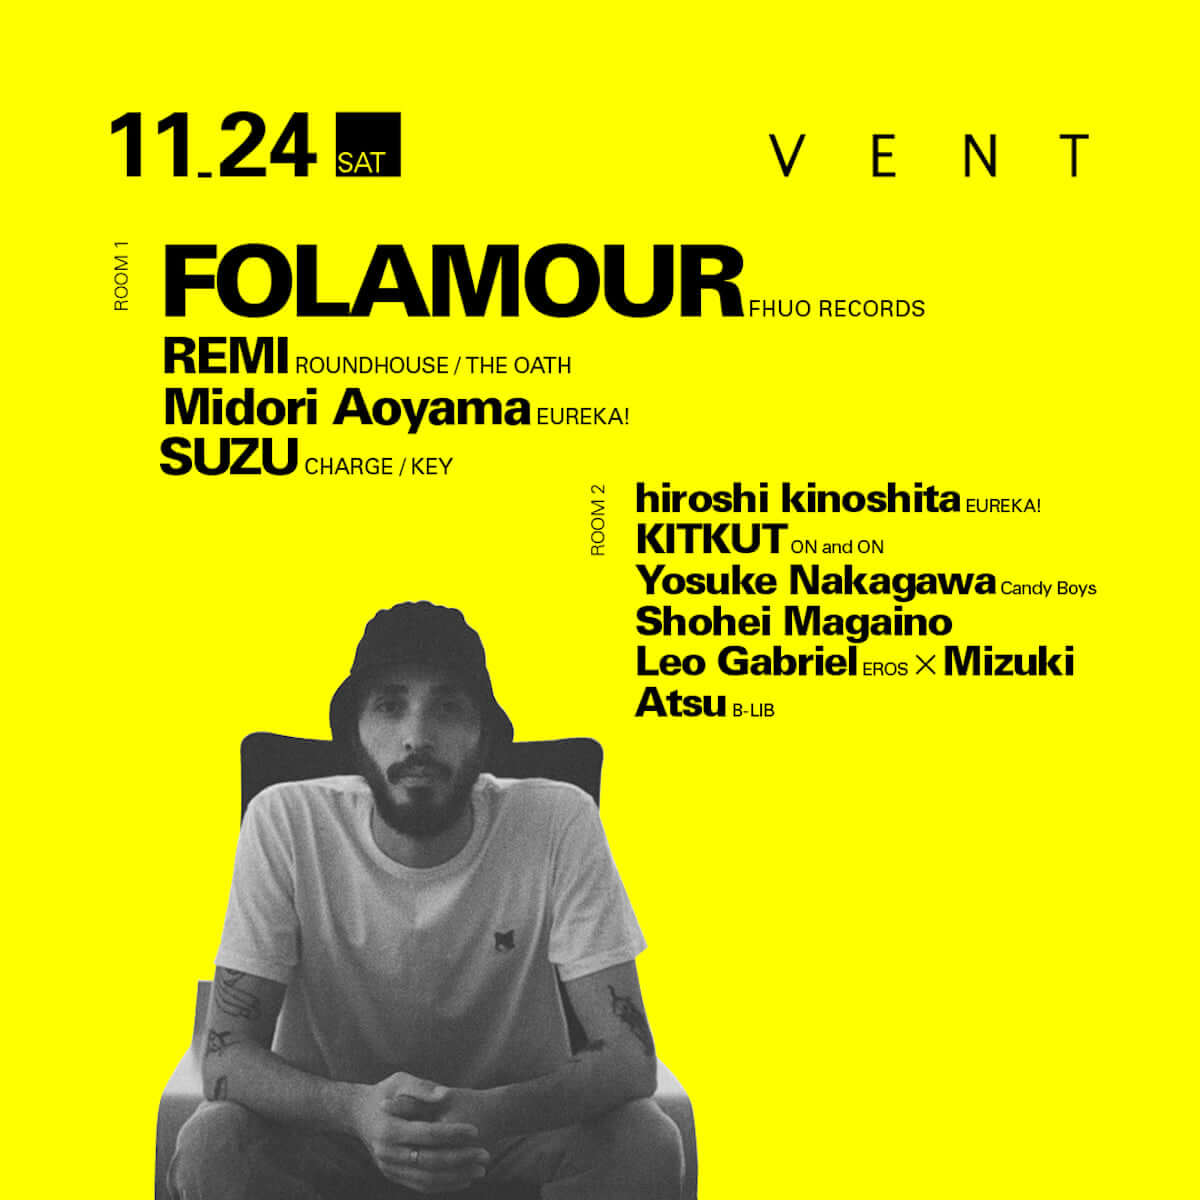 数々のハウス・レジェンドがサポートする奇才・Folamour、来日直前インタビュー music1107-vent-folamour-3-1200x1200